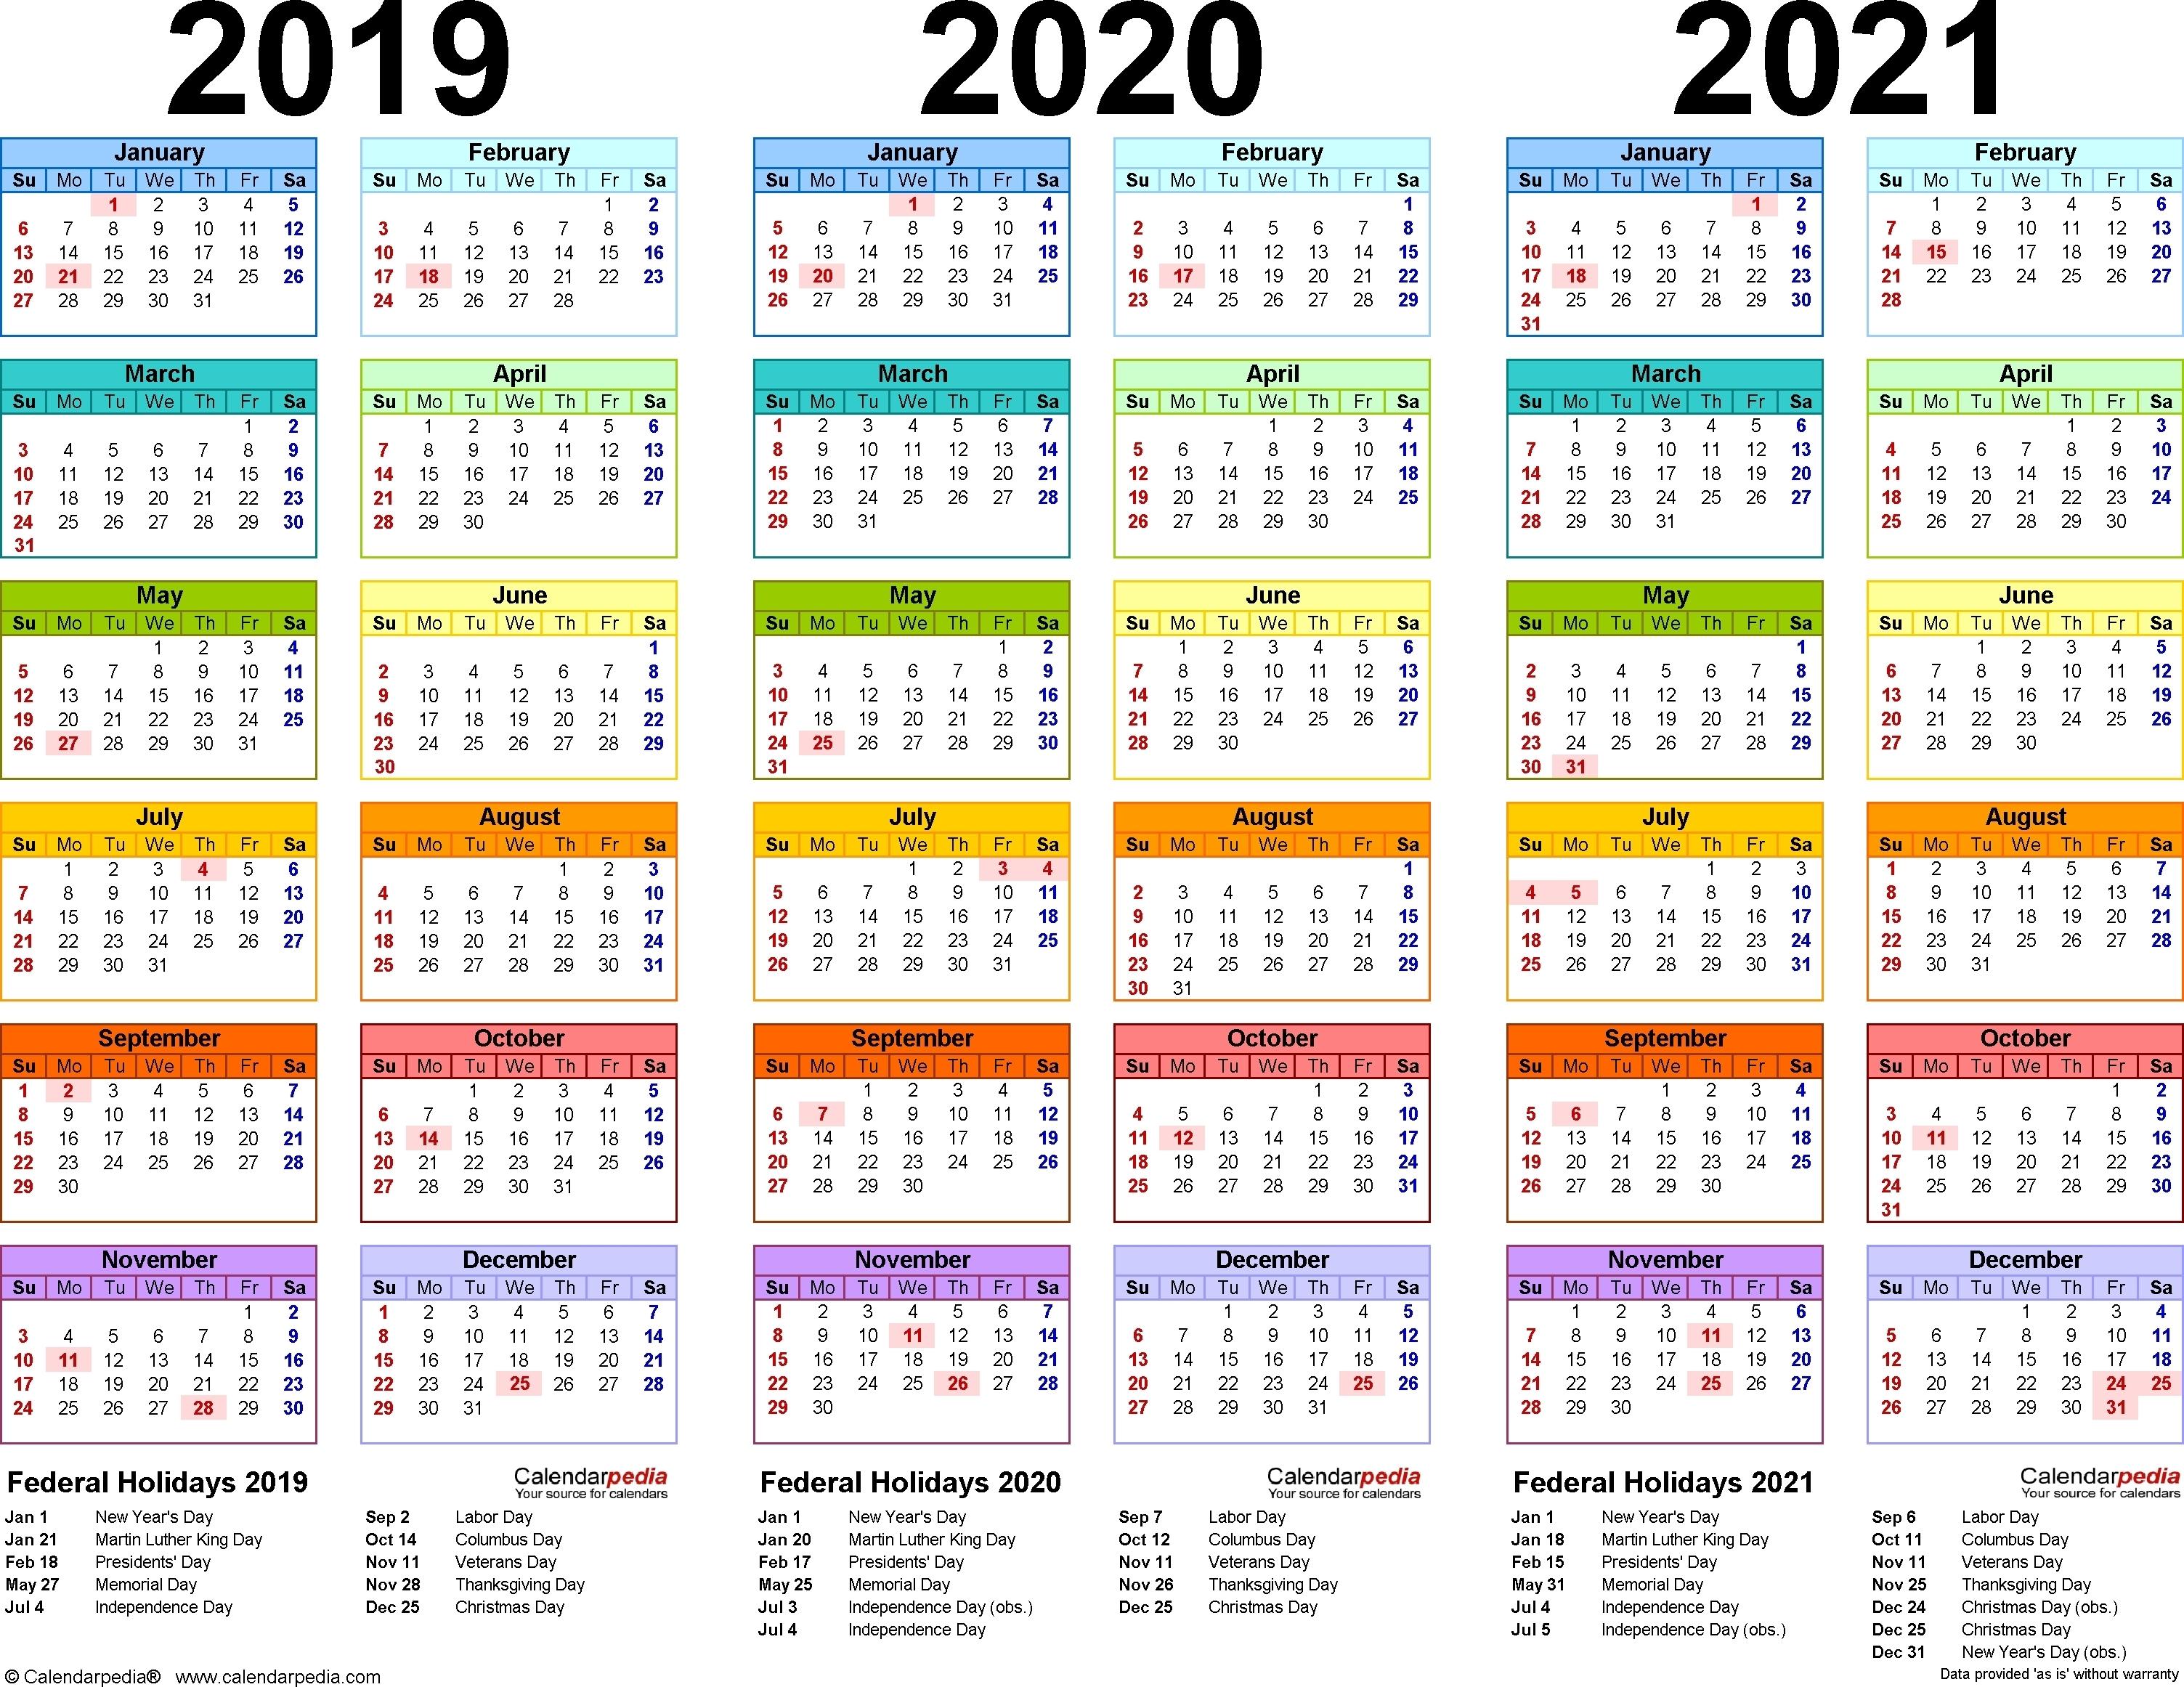 Calendar For School Holidays 2020 | Calendar Design Ideas-Nz School Holidays 2020 Calendar